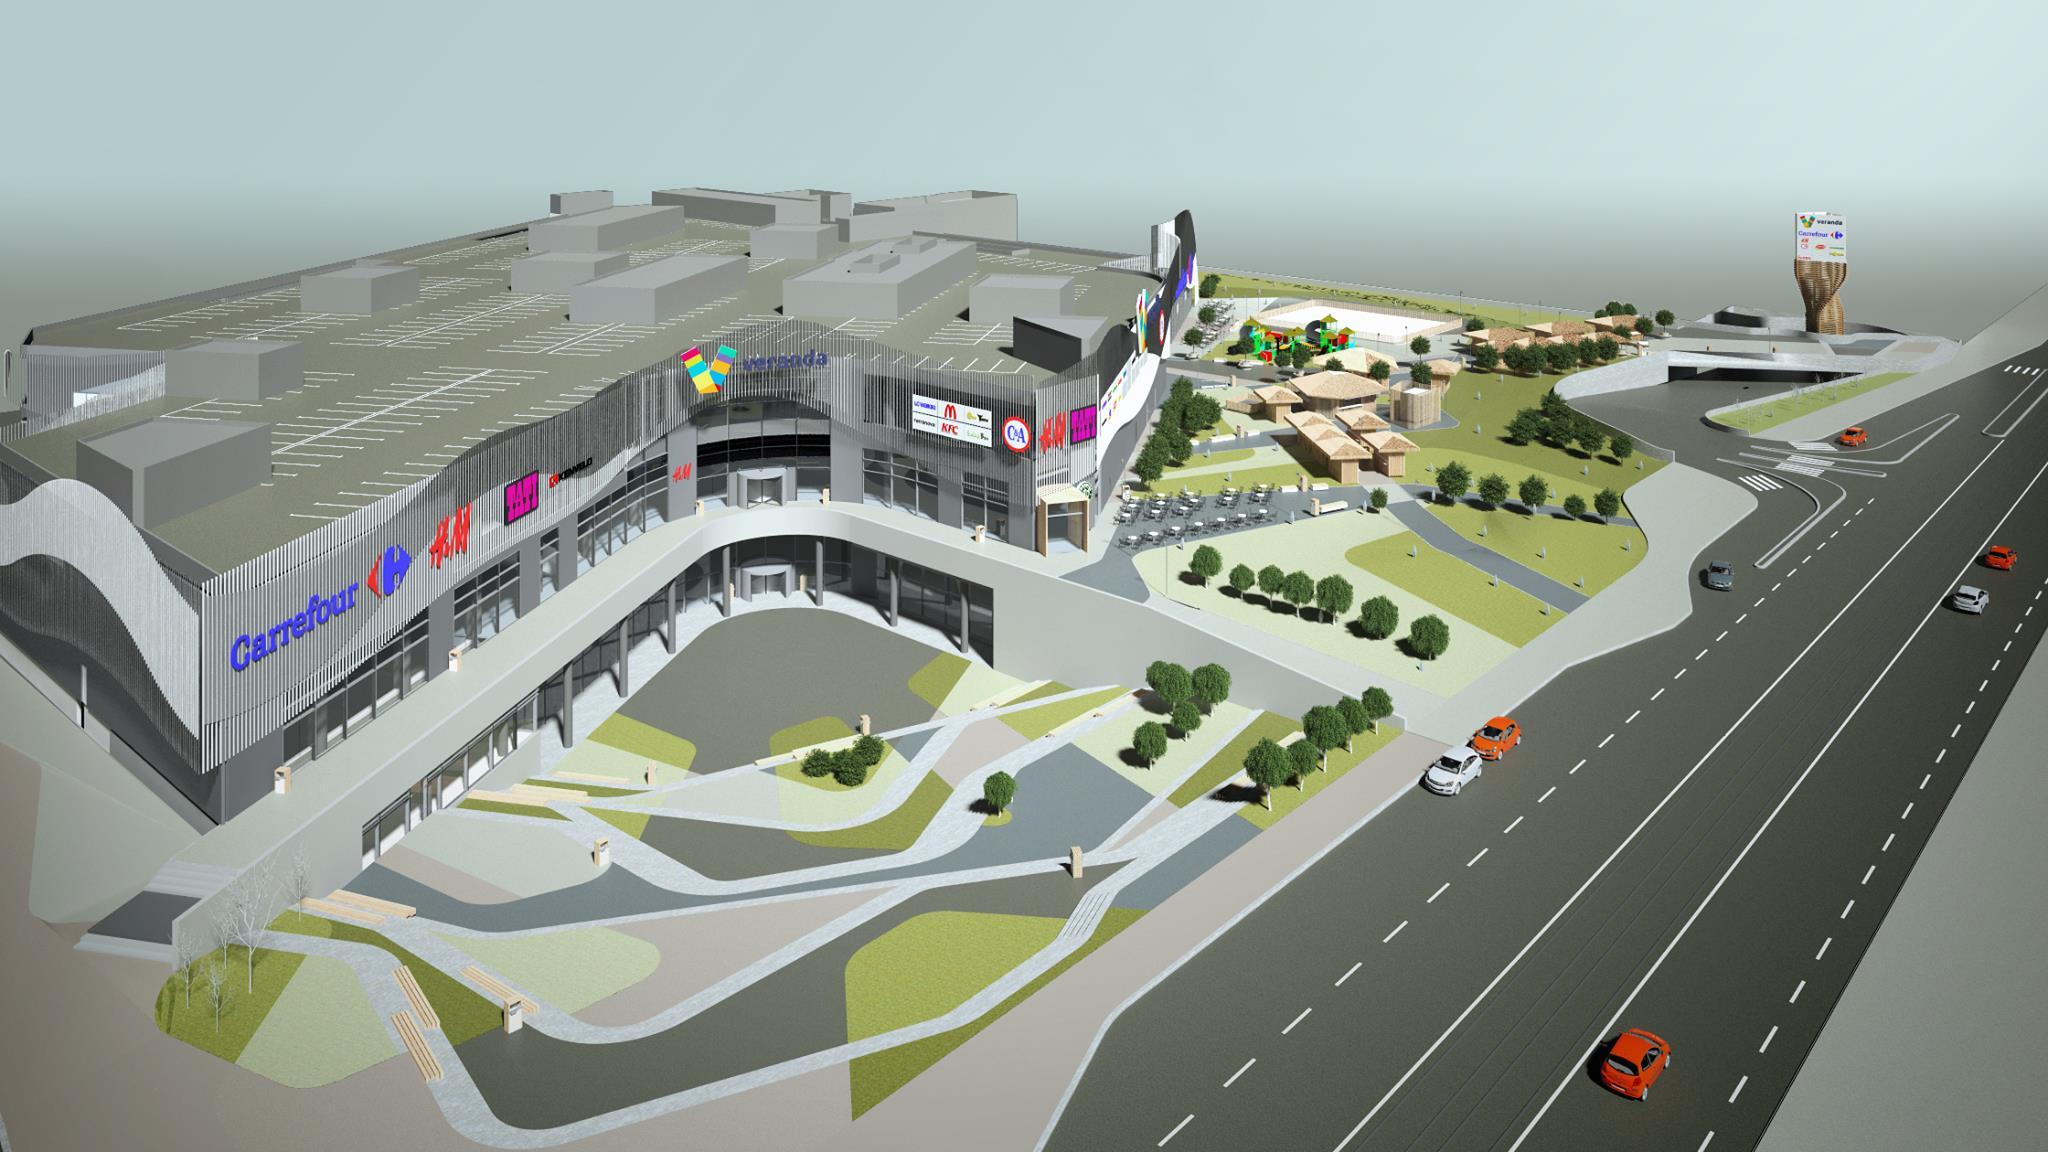 veranda mall veranda mall Veranda Mall - un nou paradis al fashionistelor si nu numai 14379802 673364742821190 9107800552602622770 o